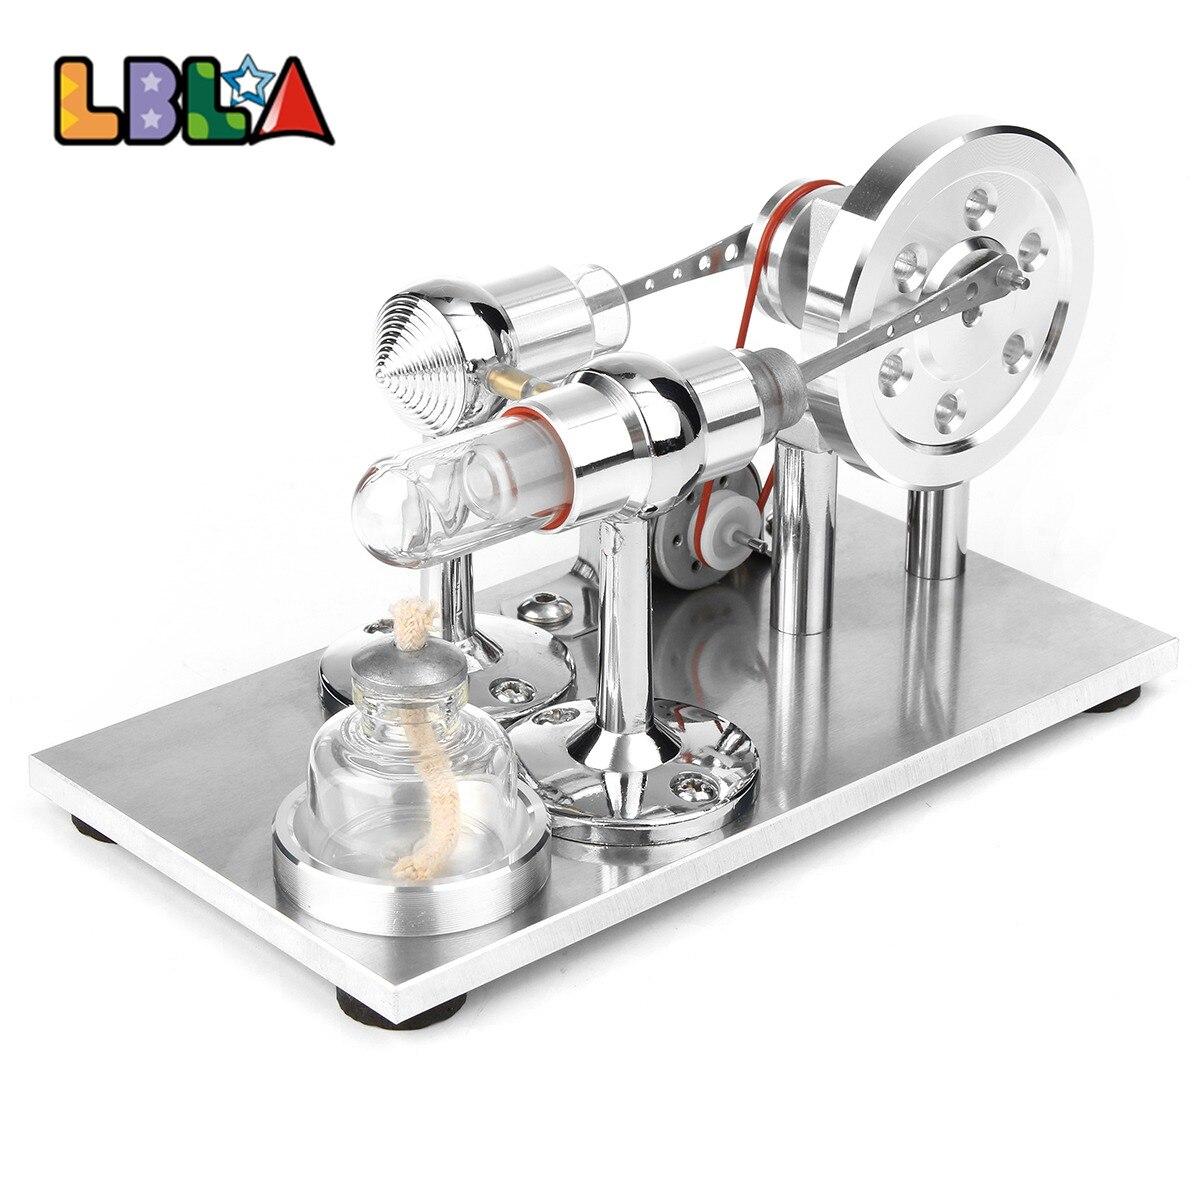 LBLA Air chaud Stirling moteur modèle générateur de puissance moteur éducatif vapeur jouet mise à jour Science éducative jouet cadeau pour les enfants